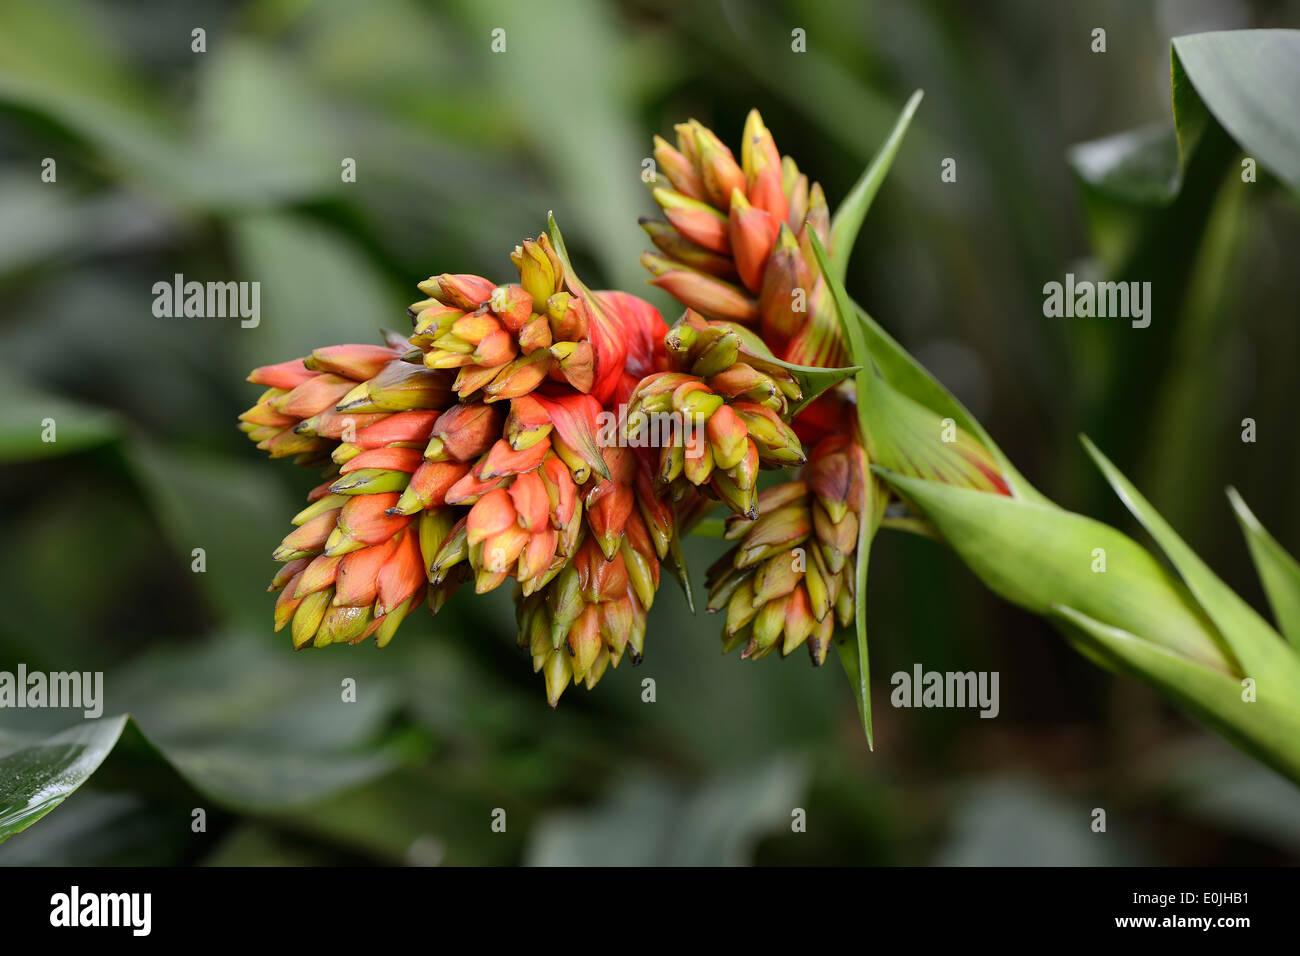 Rotgelbe Guzmanie (Guzmania rubrolutea), Vorkommen Ecuador, Südamerika - Stock Image